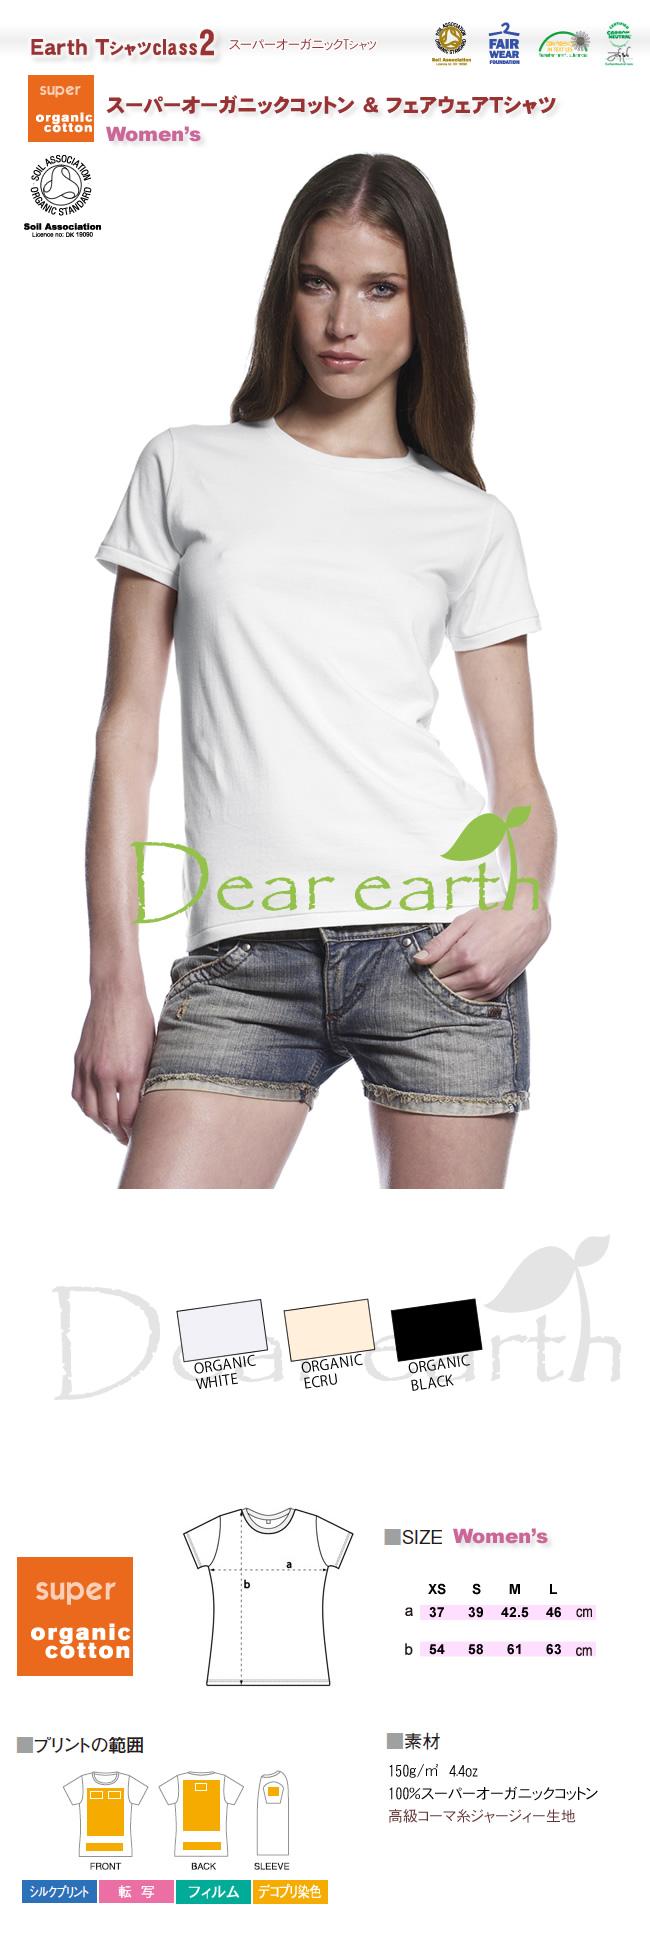 WOMEN'SアースTシャツclass2(EC12)